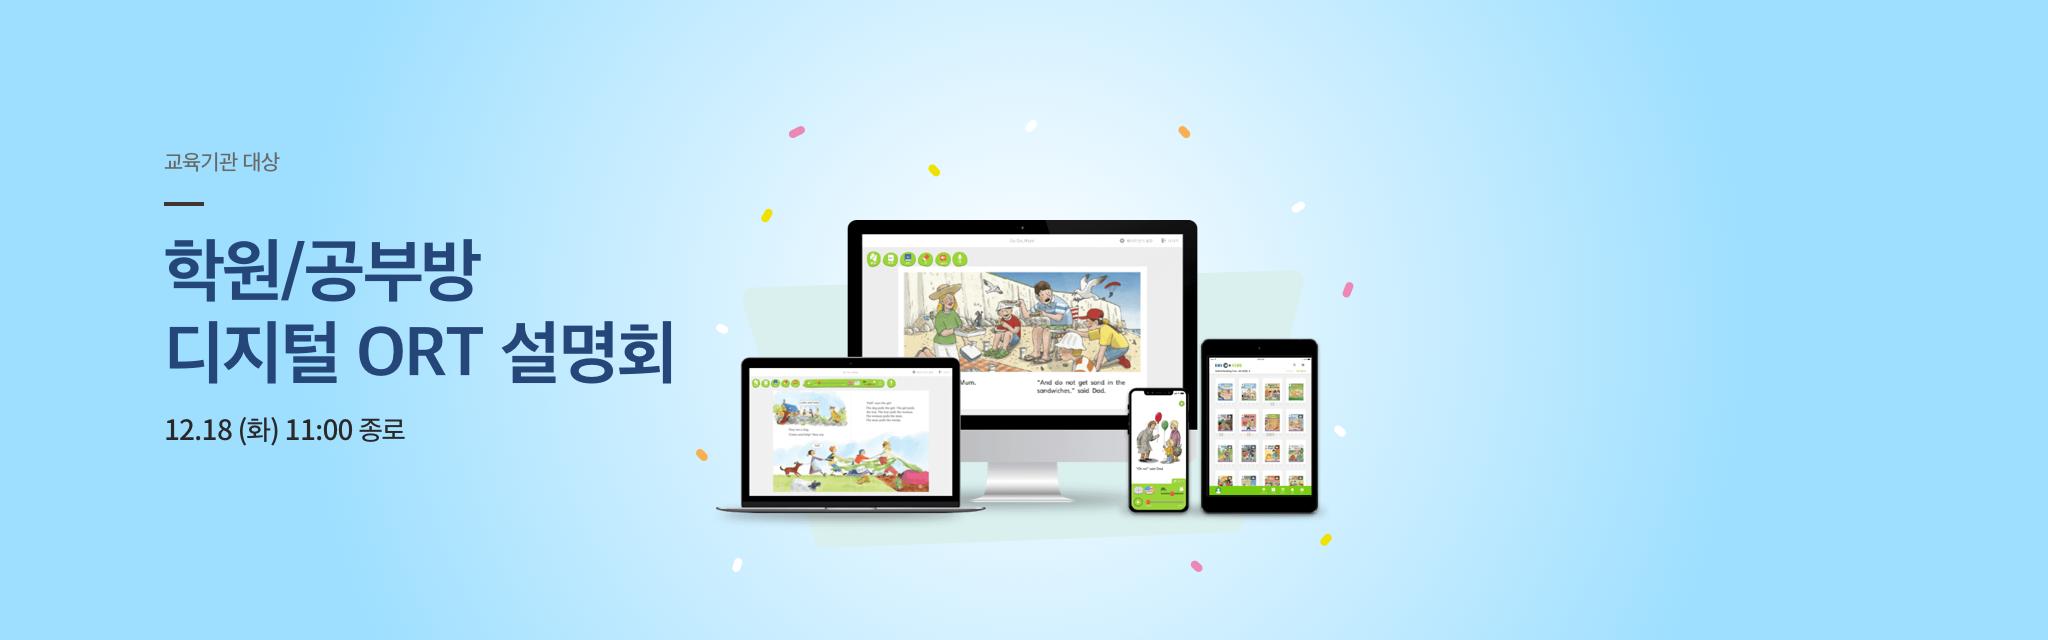 학원/공부방 디지털 ORT 설명회